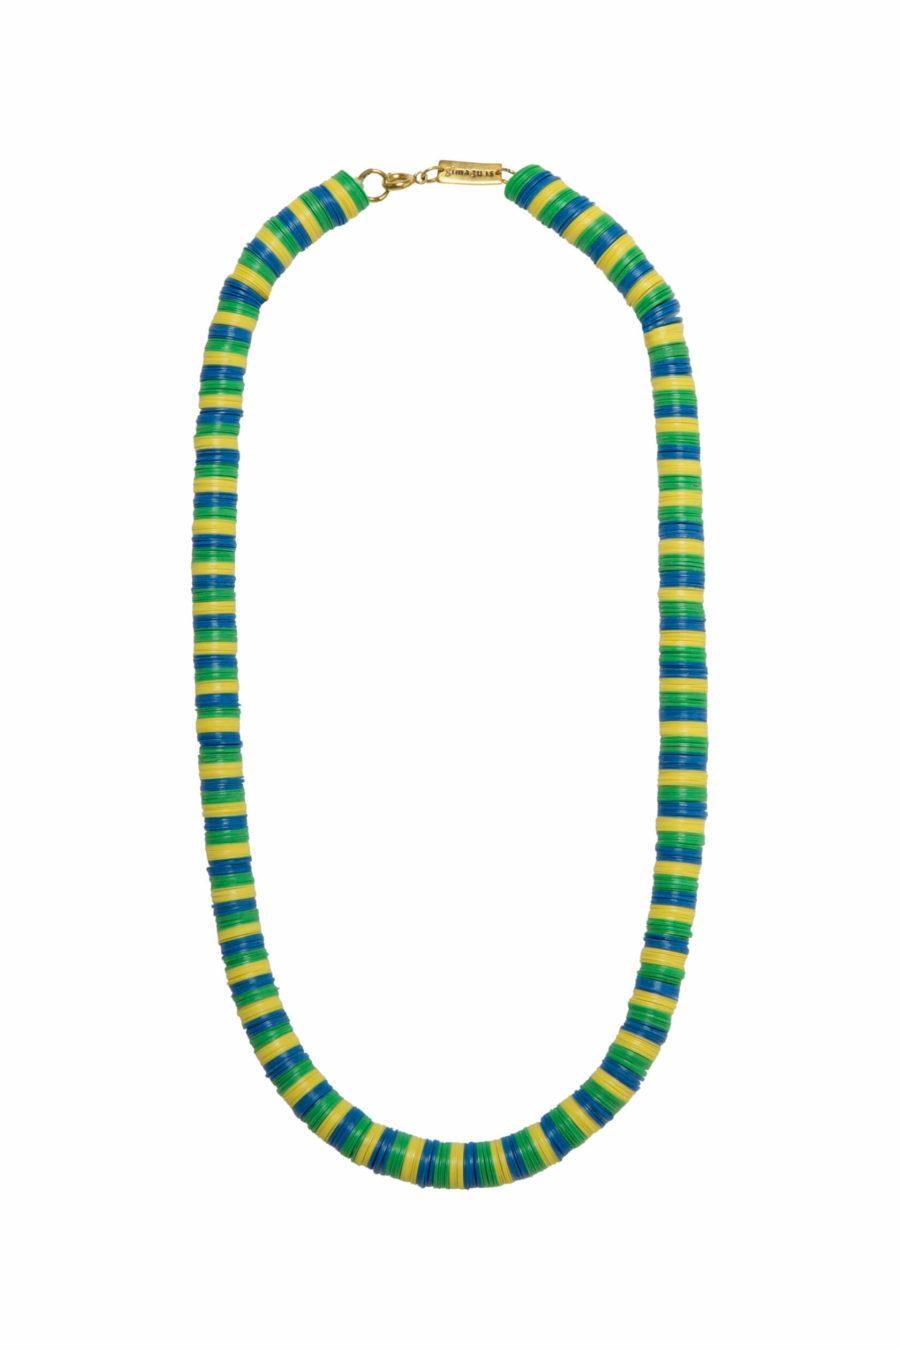 Gimaguas Green Maxi Pukas Necklace ($48)